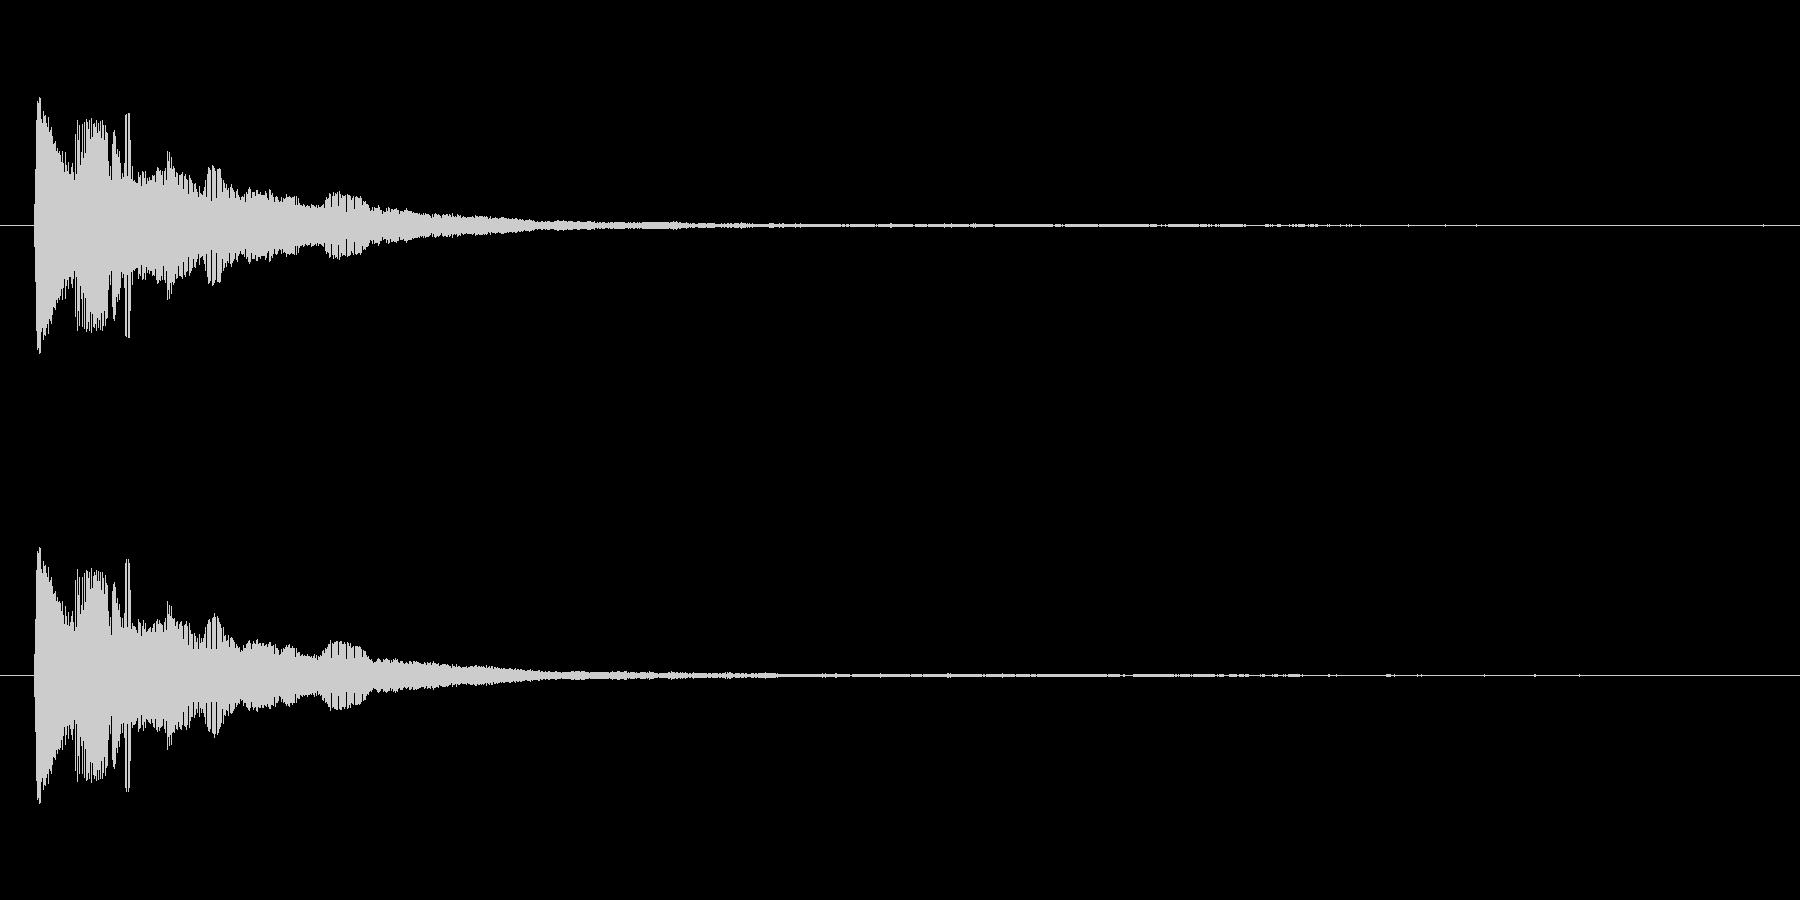 ビローン(笑いを誘う伸びる音)の未再生の波形